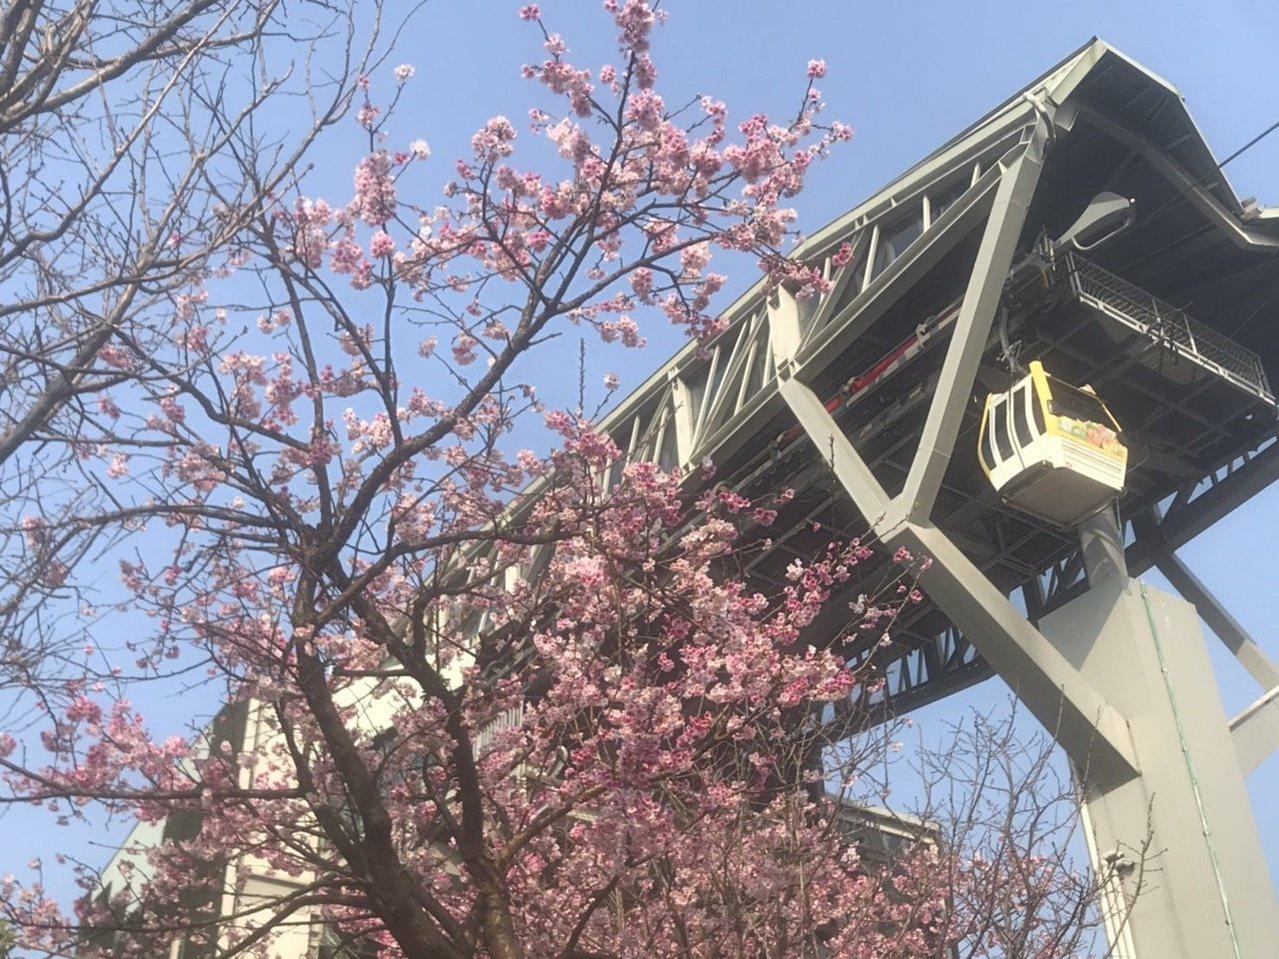 春節連假將至,民眾可搭乘貓纜前往賞櫻。 圖/北捷提供